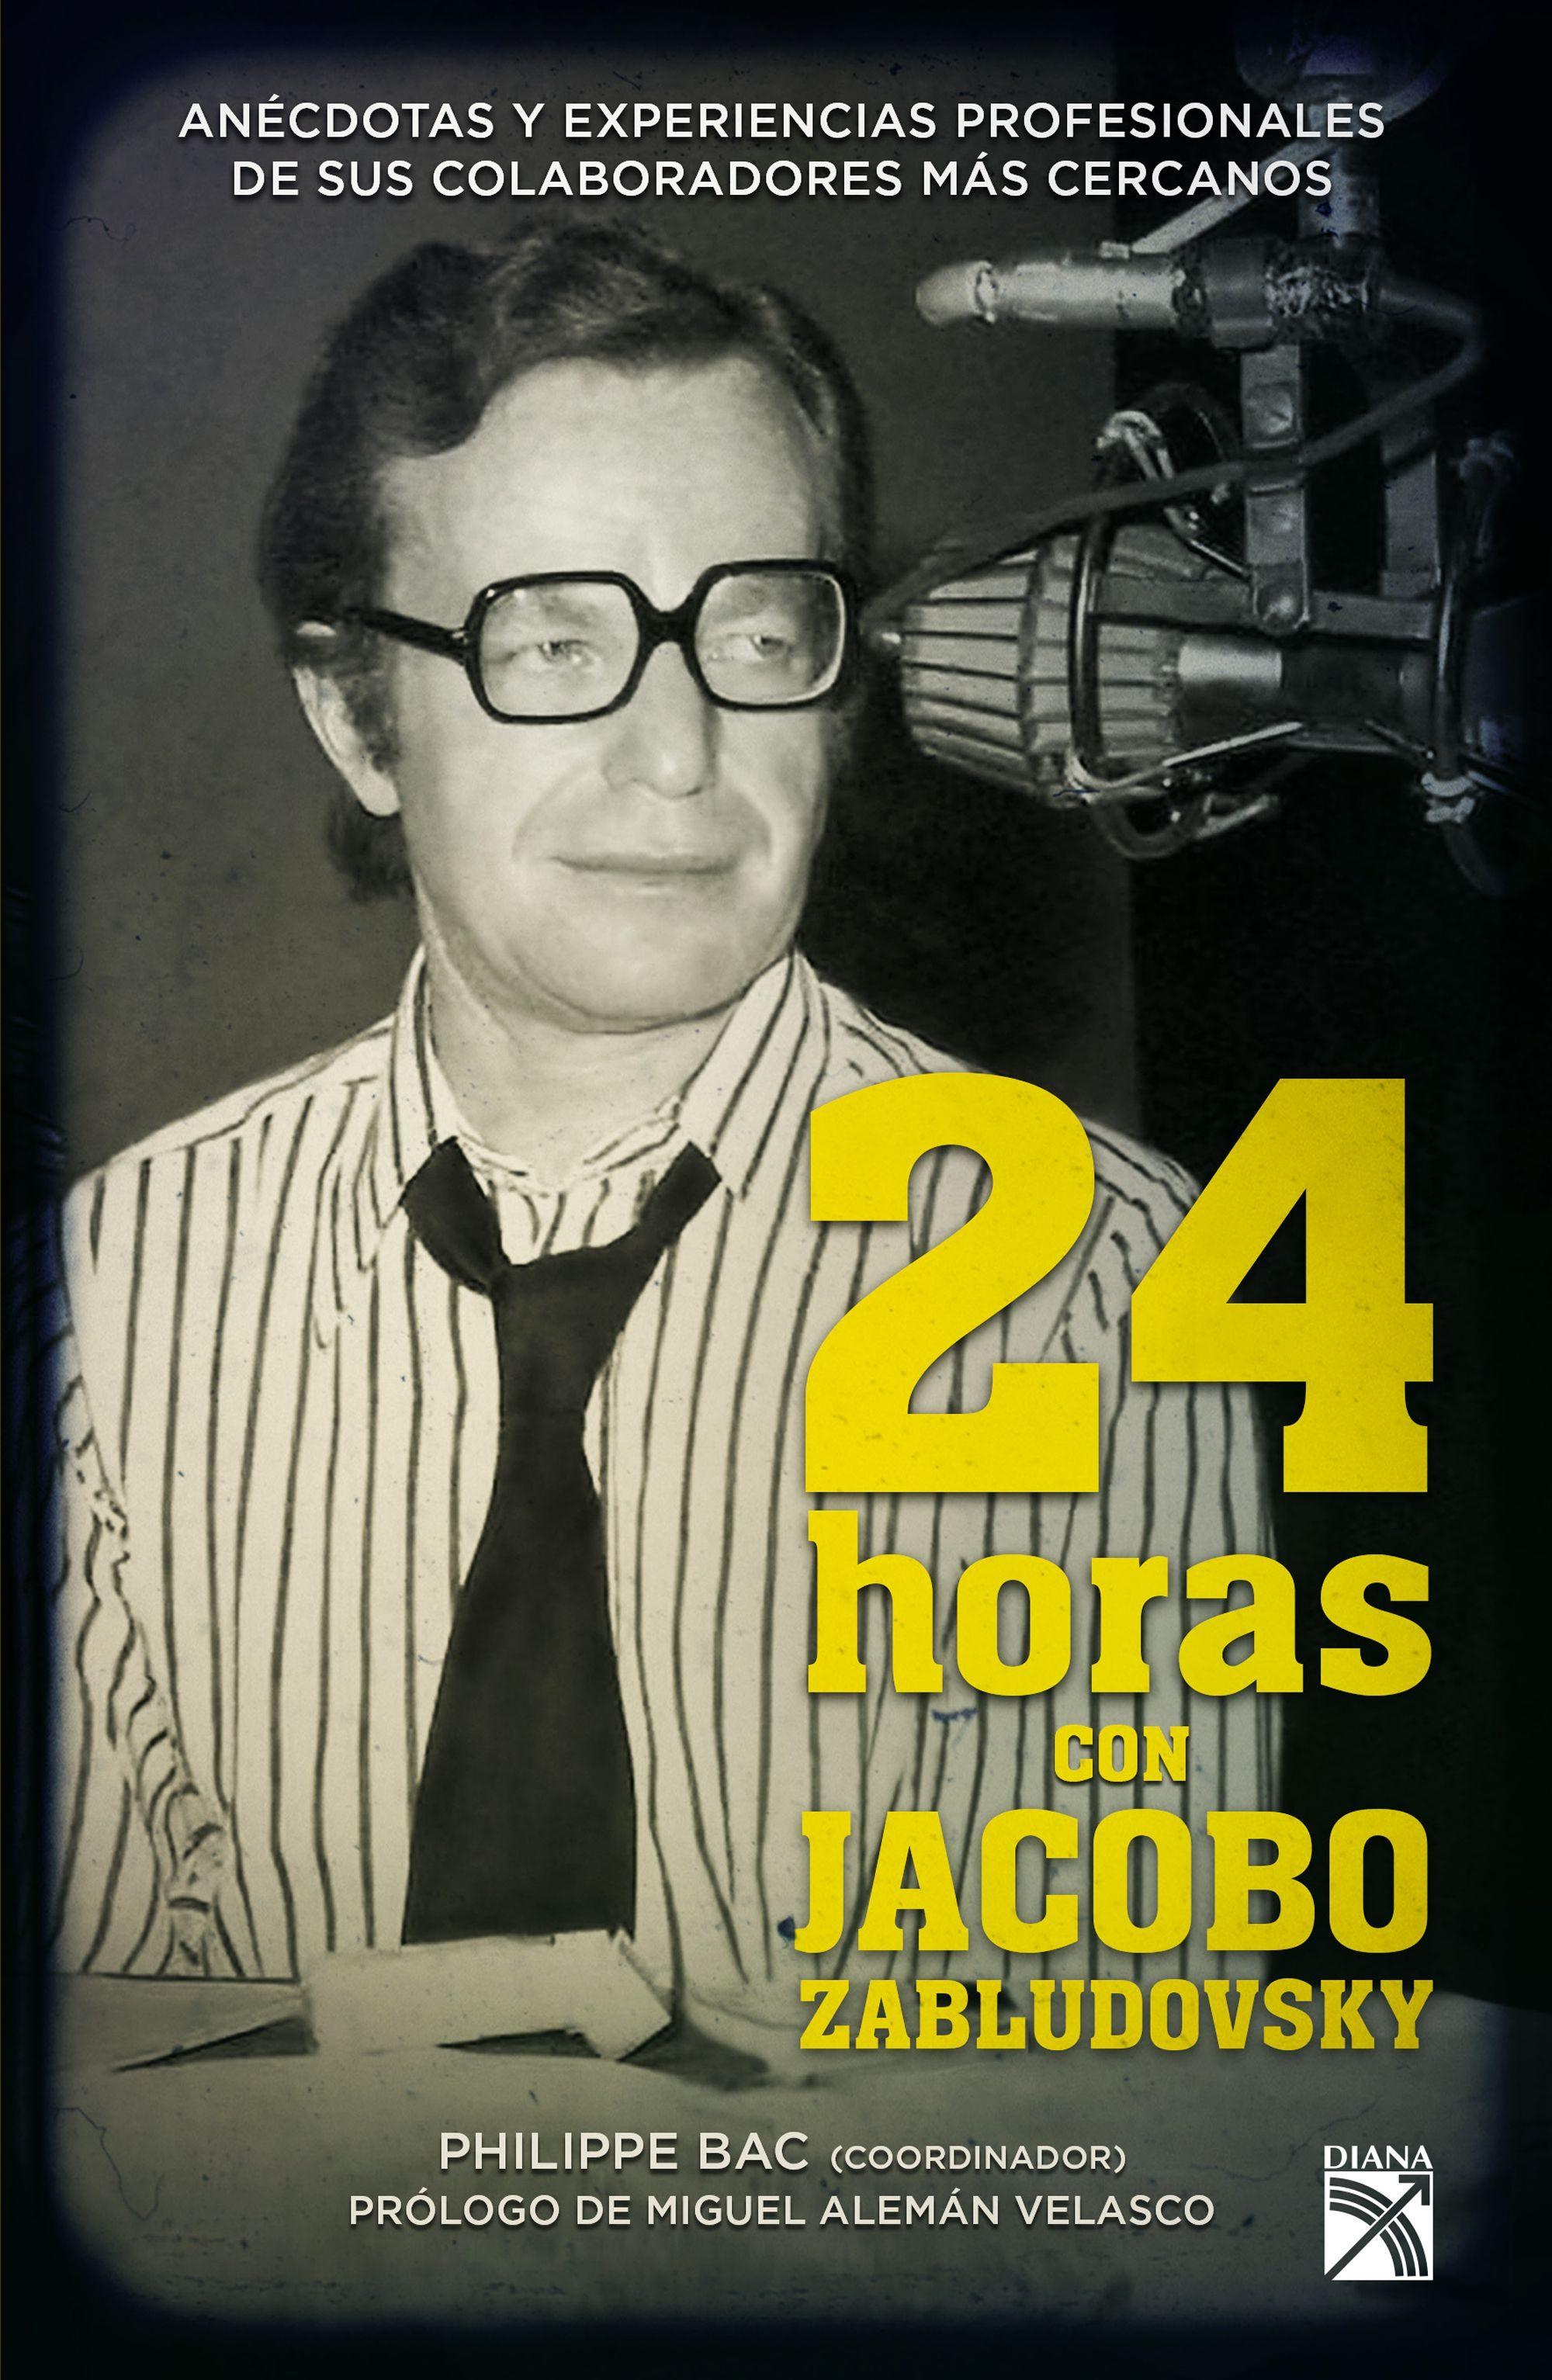 Anecdotas de Jacobo Zabludovsky Judío comunicador pero antes ser humano